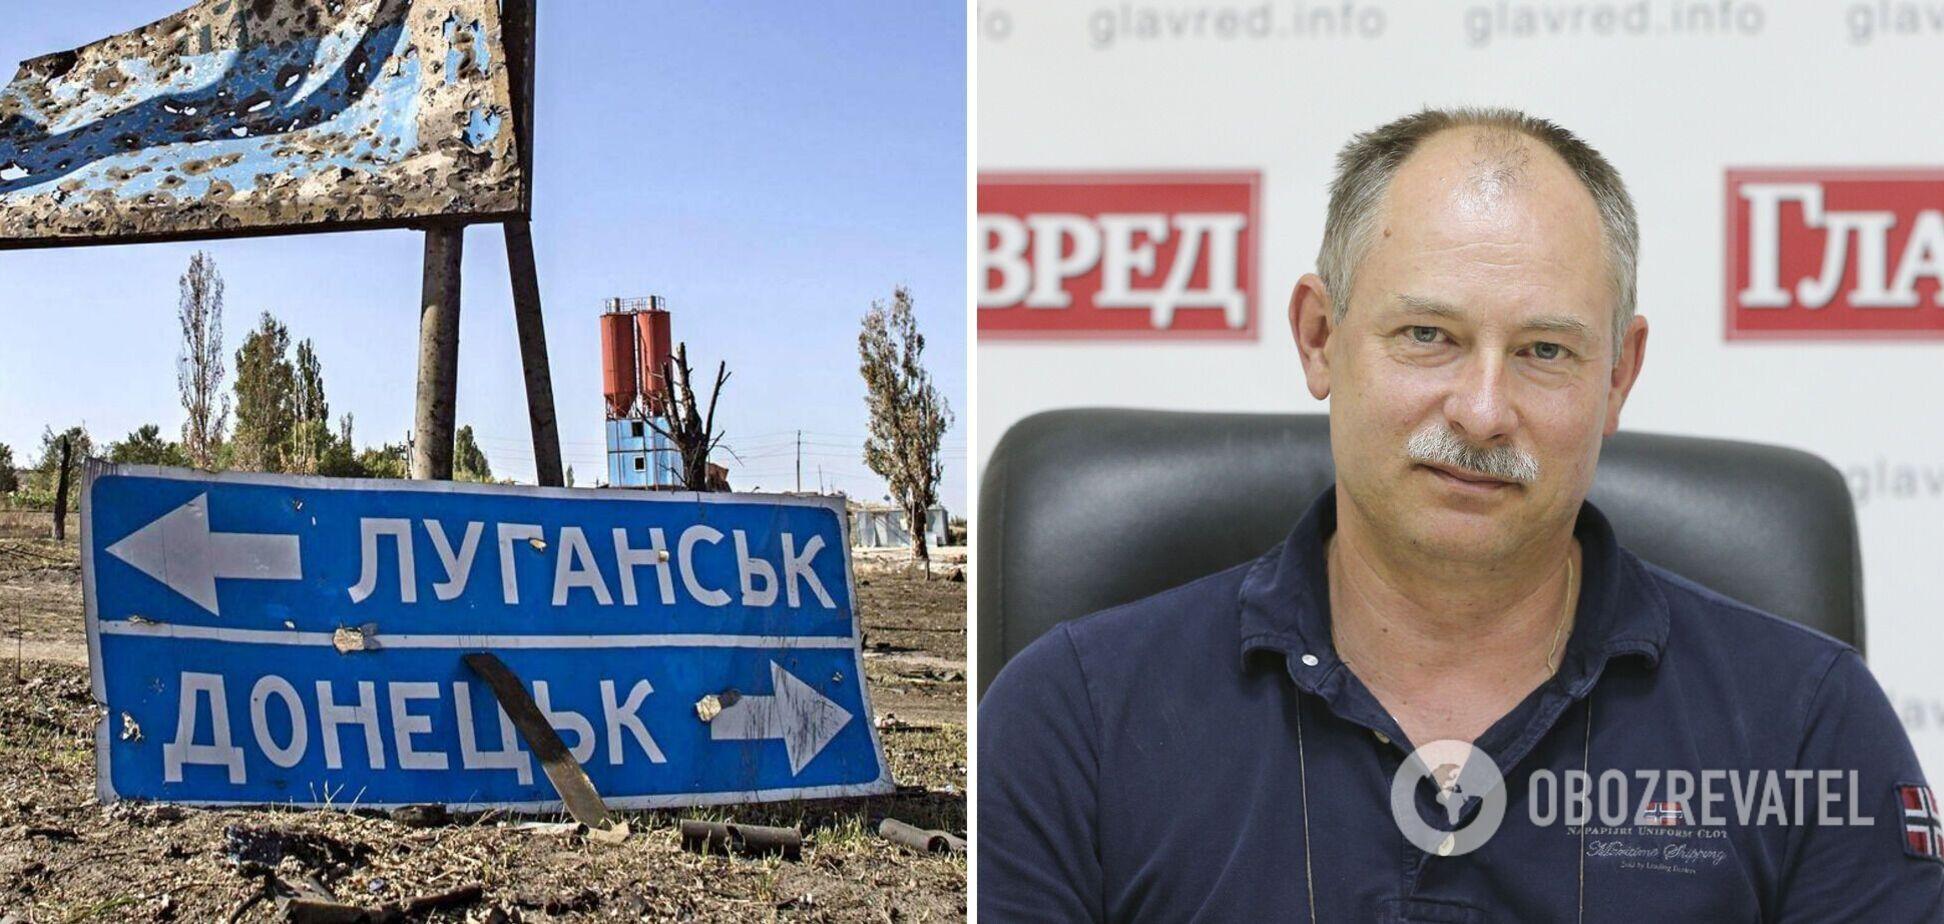 Території ОРДЛО хочуть максимально русифікувати й заштовхати в Україну, – Жданов